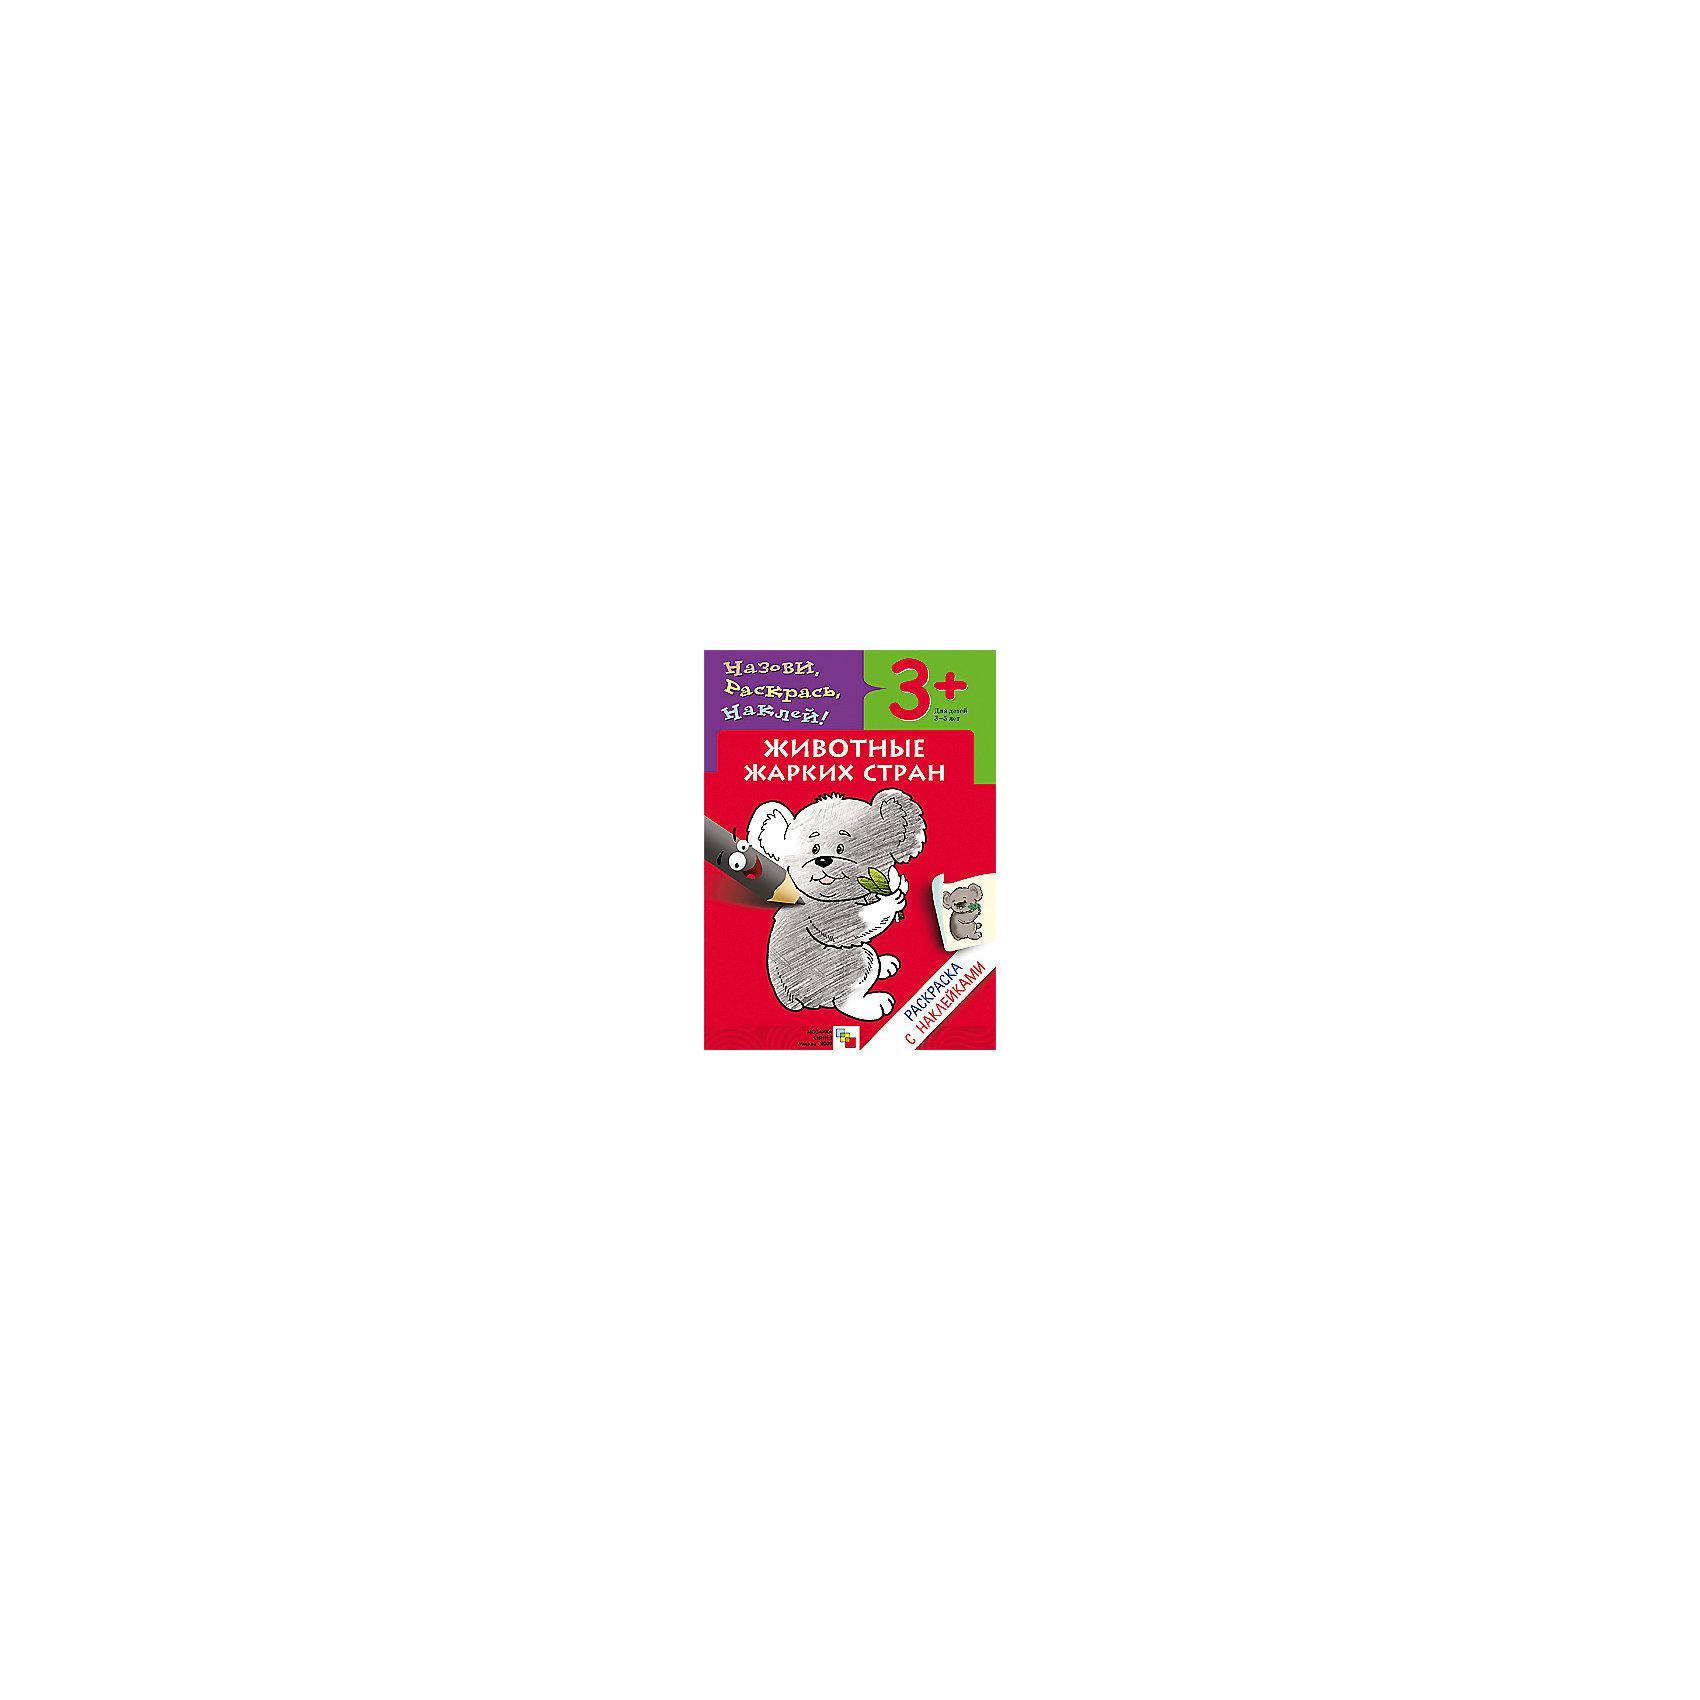 Раскраска с наклейками Животные жарких странРисование<br>Раскраска с наклейками.Животные жарких стран<br>Замечательные познавательные раскраски серии Назови, раскрась, наклей! издательства Мозаика-Синтез не оставят равнодушным ни одного малыша!<br>Раскраска Животные жарких стран содержит изображения: коала, лев, гиена, жираф, зебра, слон, носорог, обезьяна.<br>Книжки-раскраски этой серии очень удобного формата (размер детской раскраски -17*24 см.), их легко взять с собой на прогулку, в поликлинику, в гости. Яркие красочные наклейки, четкий контур, реалистичность изображения.<br>С помощью раскрасок данной серии малыш узнает много нового и интересного о животных, птицах, растениях и множестве других вещей.<br>Раскраску приятно взять в руки: качественная плотная белая бумага, яркие наклейки.<br>На каждой страничке представлен один предмет.<br>Сверху - небольшое четверостишие о персонаже, рядом - место для наклейки, а под стихотворением - непосредственно раскраска.<br>Сзади - на форзаце книги приведено несколько заданий, которые можно выполнить, используя дополнительные наклейки.<br>Например, приклеить недостающие буквы в слове или же наклейку с тем или иным предметом (животным).<br>В каждой книжке-раскраске - изображения 8 предметов или животных.<br>С наклейками книжка оживает, по сути превращаясь в развивающий атлас на данную тему.<br>Соберите полную коллекцию развивающих раскрасок!<br> Такой мини-атлас пригодится для определения грибов, ягод, деревьев в лесу, или для классификации животных при посещении зоопарка или цирка.<br><br>Ширина мм: 20<br>Глубина мм: 170<br>Высота мм: 240<br>Вес г: 55<br>Возраст от месяцев: 36<br>Возраст до месяцев: 60<br>Пол: Унисекс<br>Возраст: Детский<br>SKU: 5562593